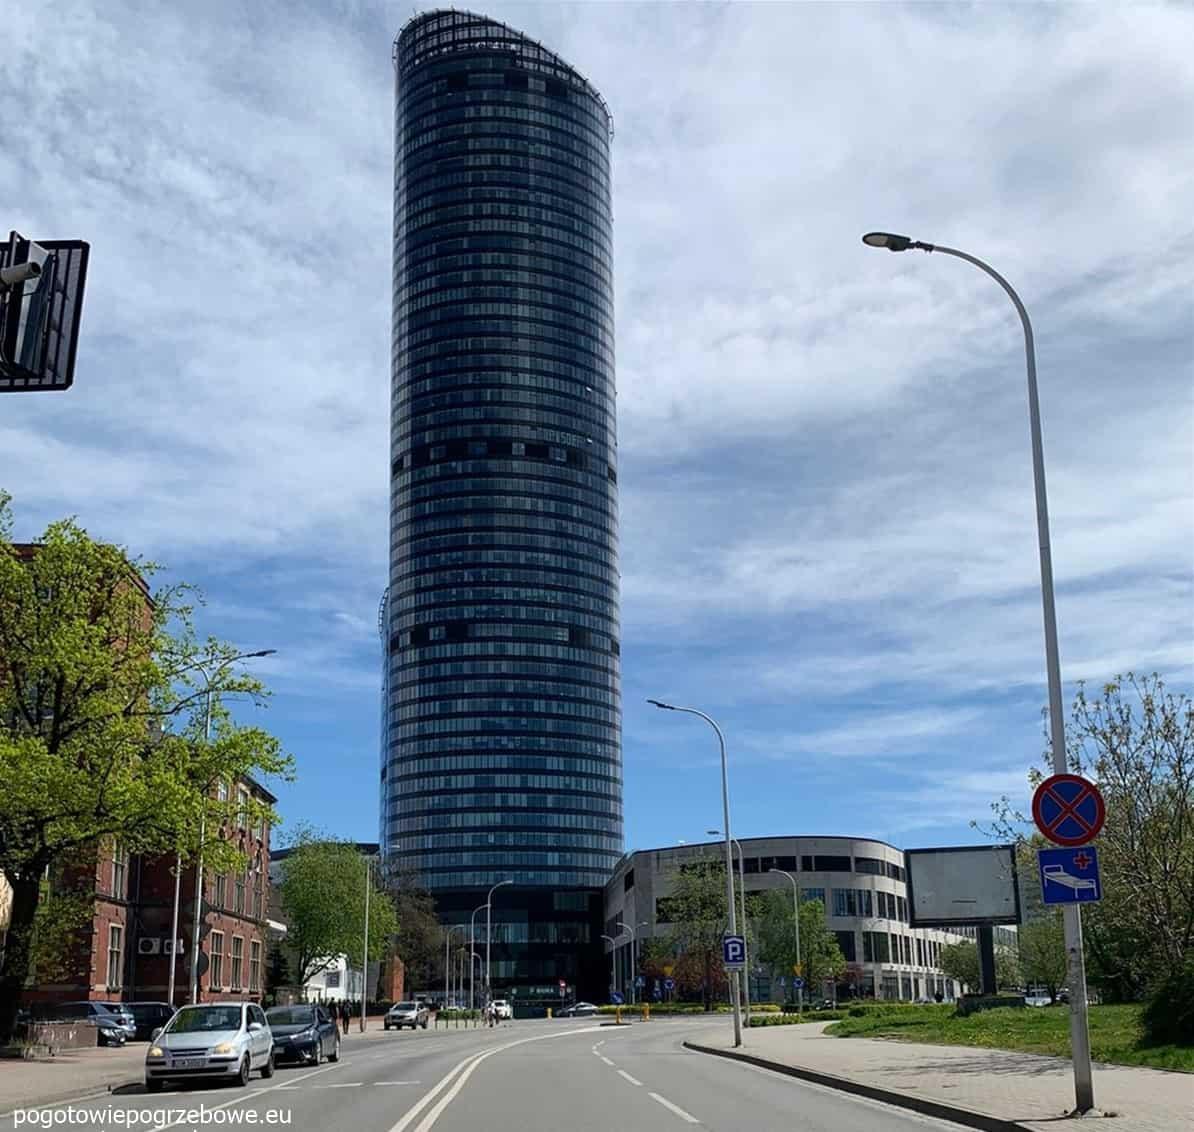 widok na sky tower we wrocławiu